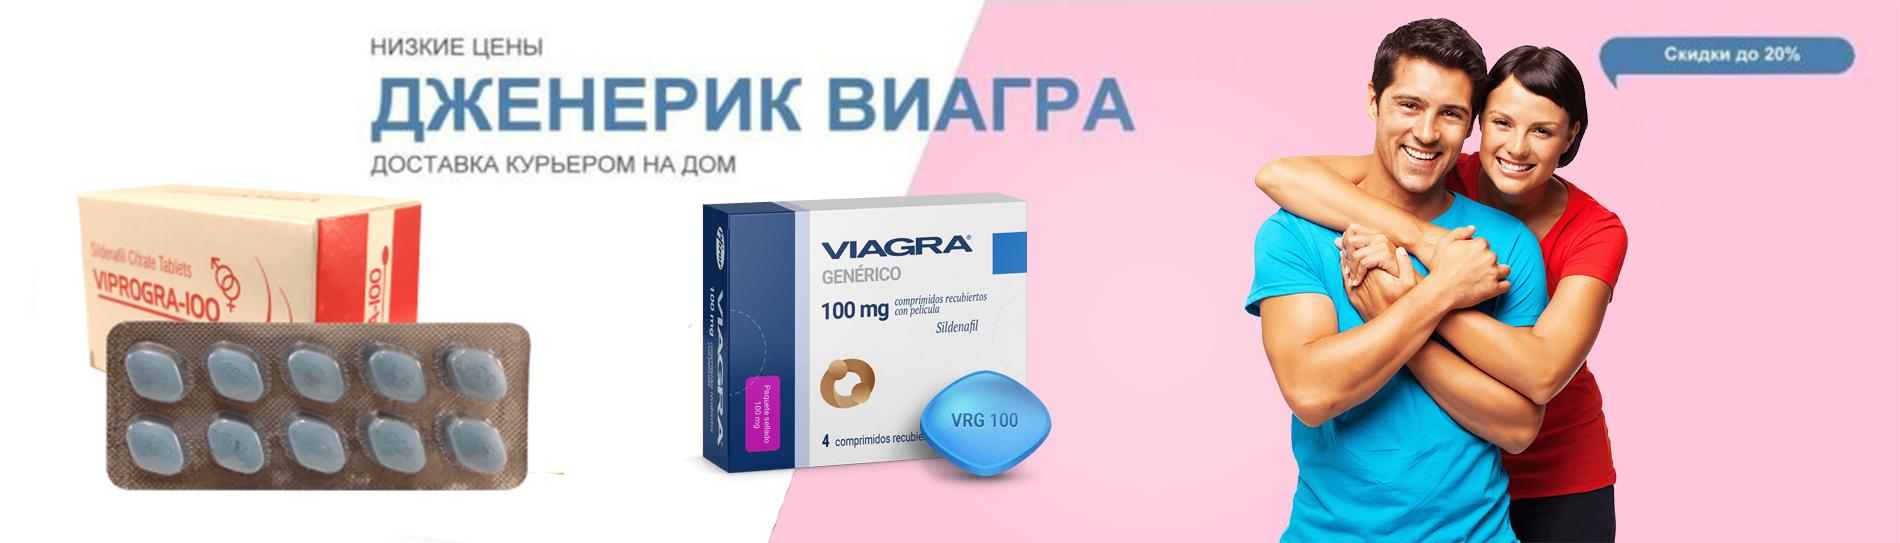 Виагра в Минске